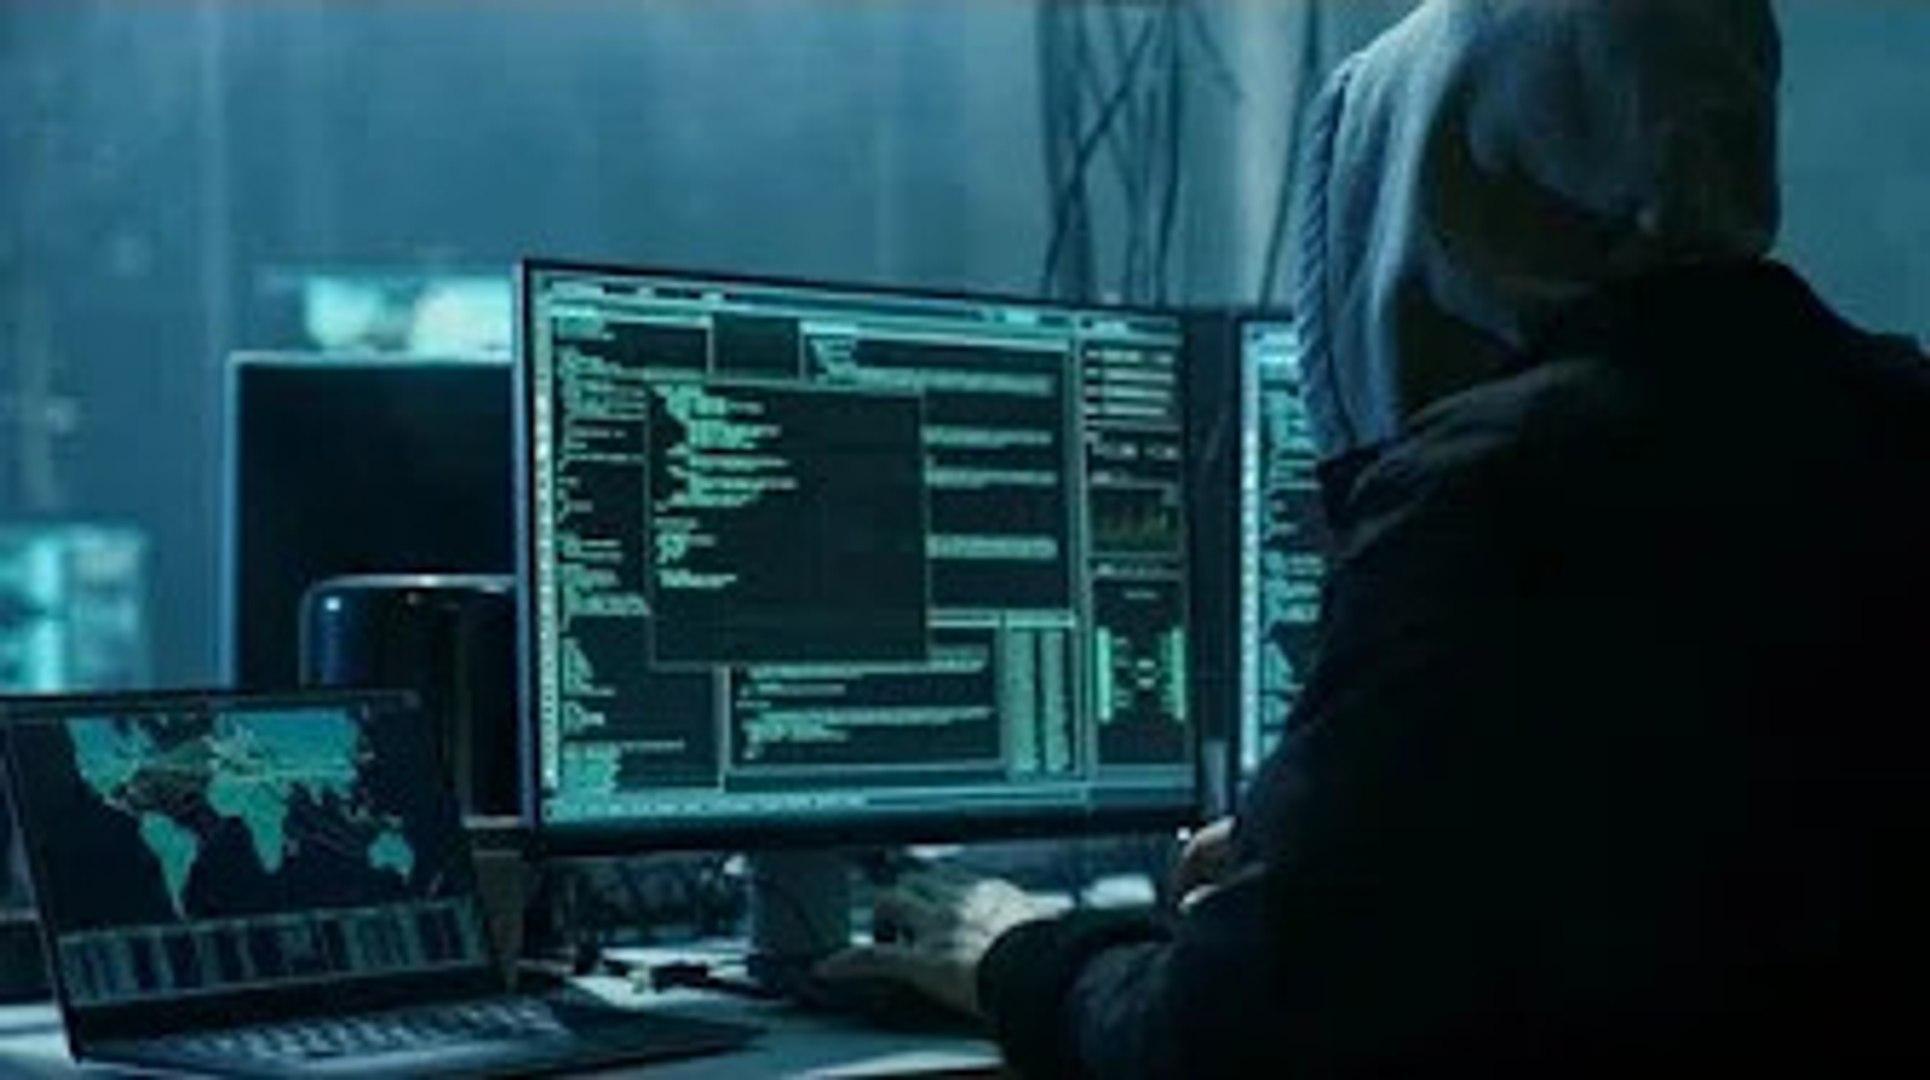 Система государственного управления подверглась атаке хакеров, атака коснулась Праги и Министерства труда и социальных дел